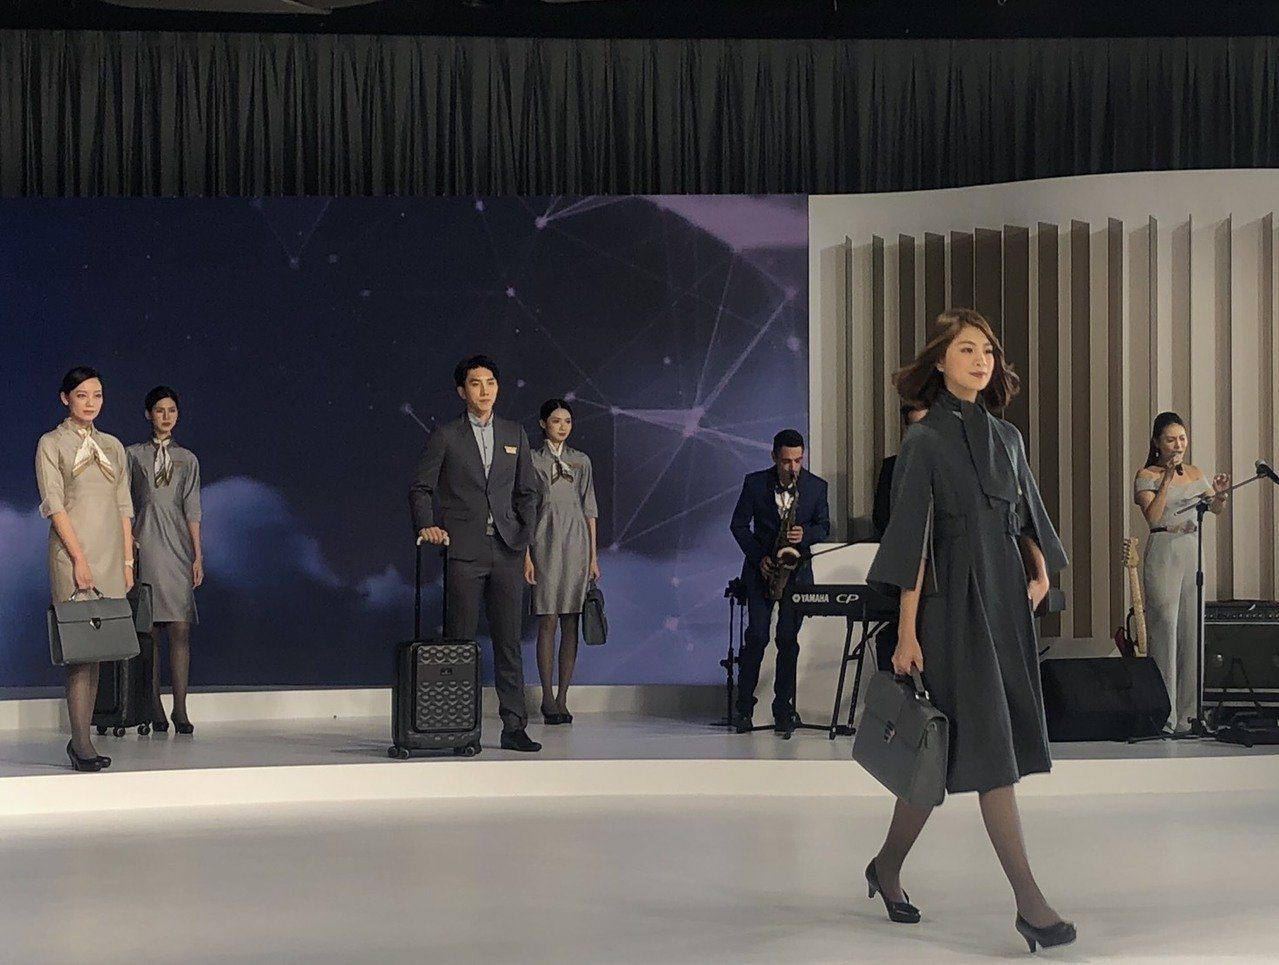 星宇航空開航倒數,新制服也隨之亮相,主打巴黎名伶風格。圖/聯合報系資料照片